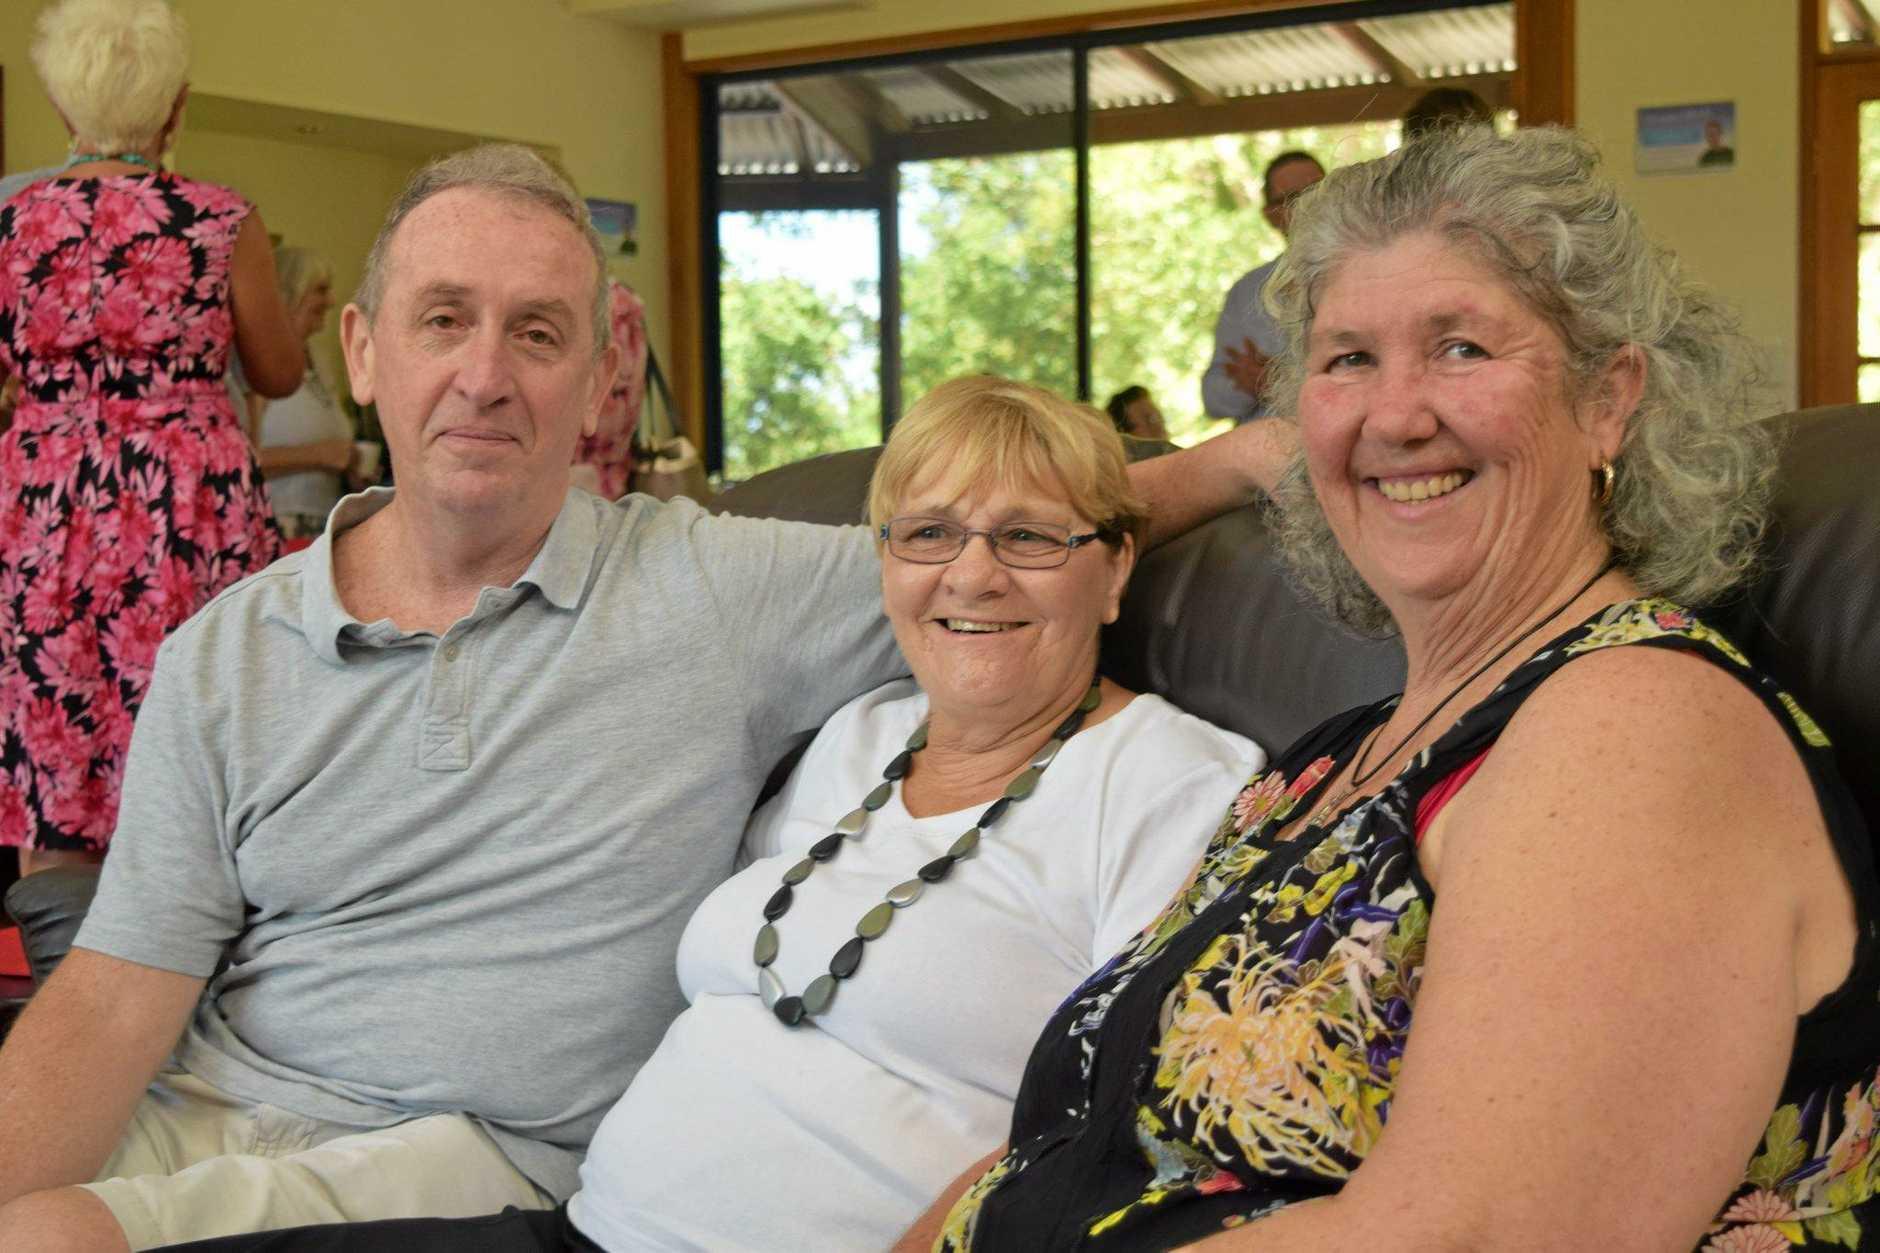 Former client Paul Rose, volunteer Rhona Marr, cook volunteer Debra Summerfield.